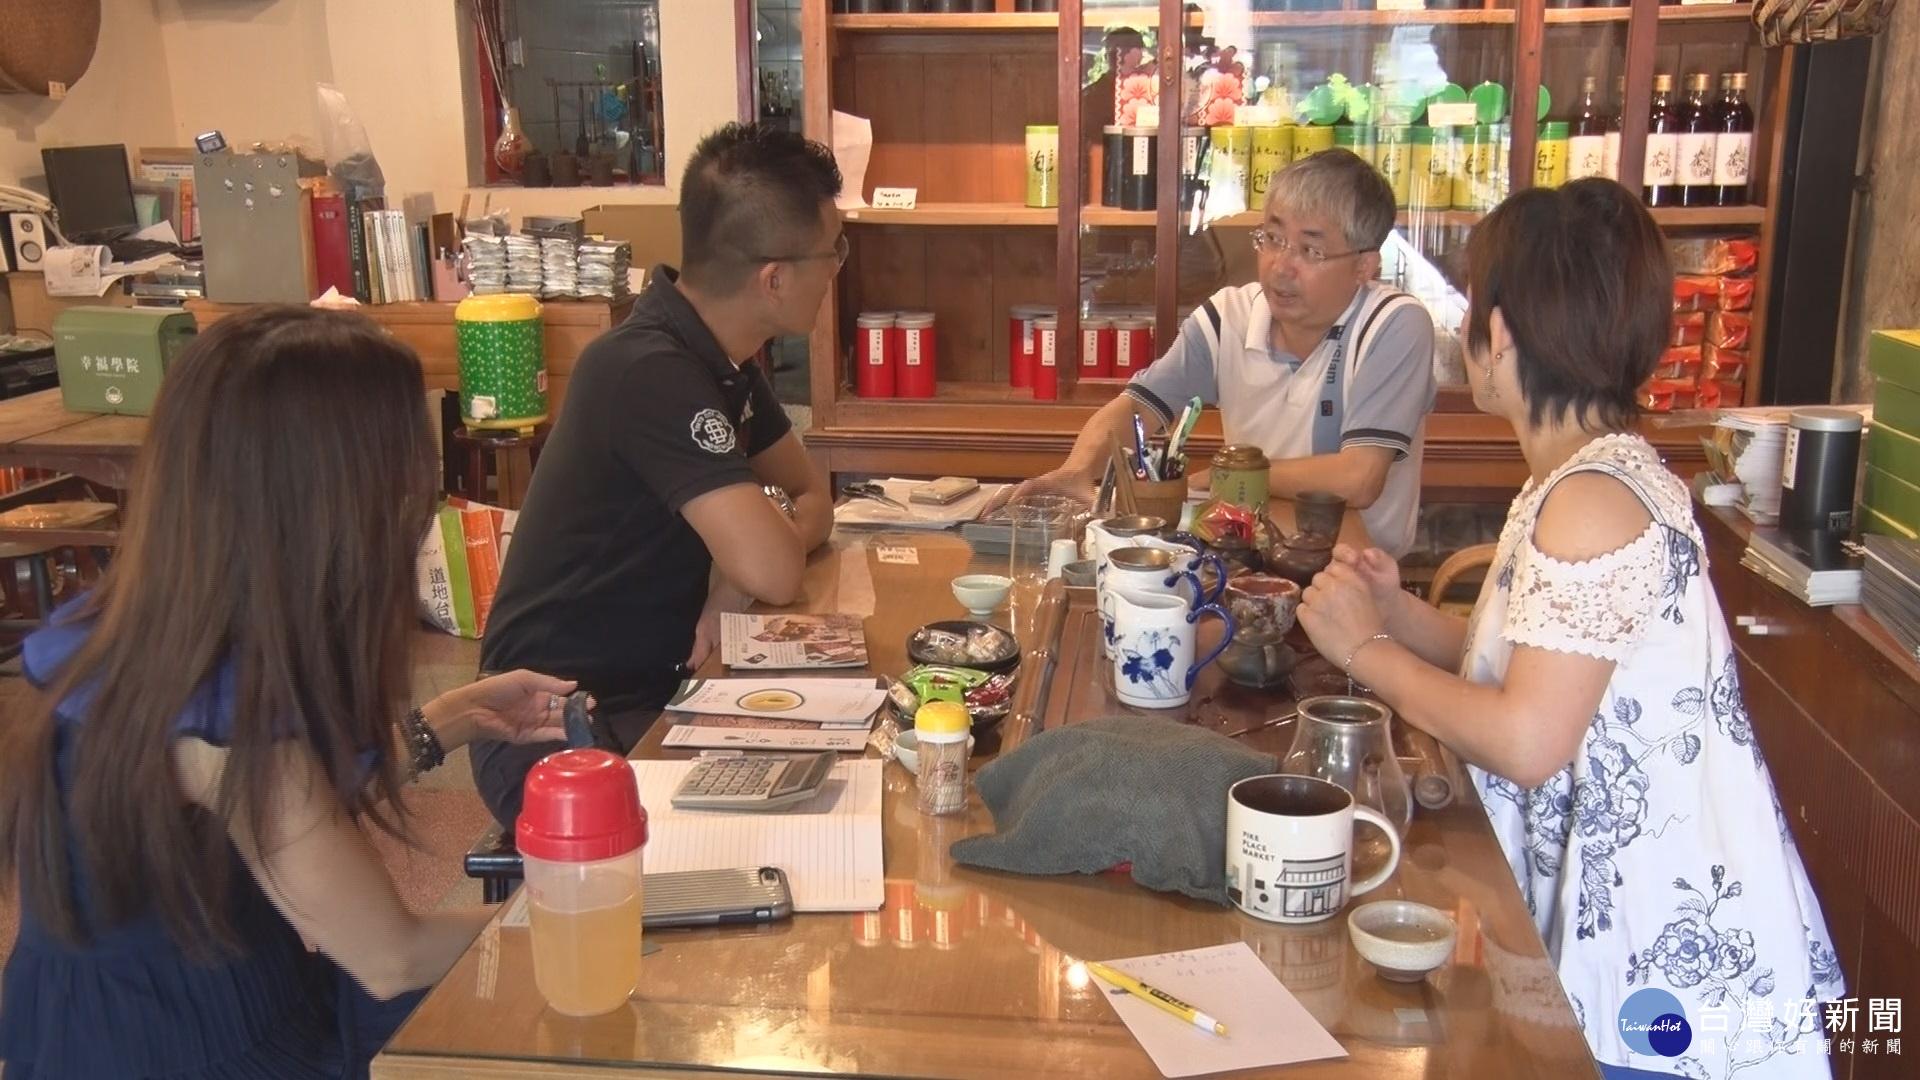 喝好茶、手作茶點心 慢遊坪林體驗茶文化